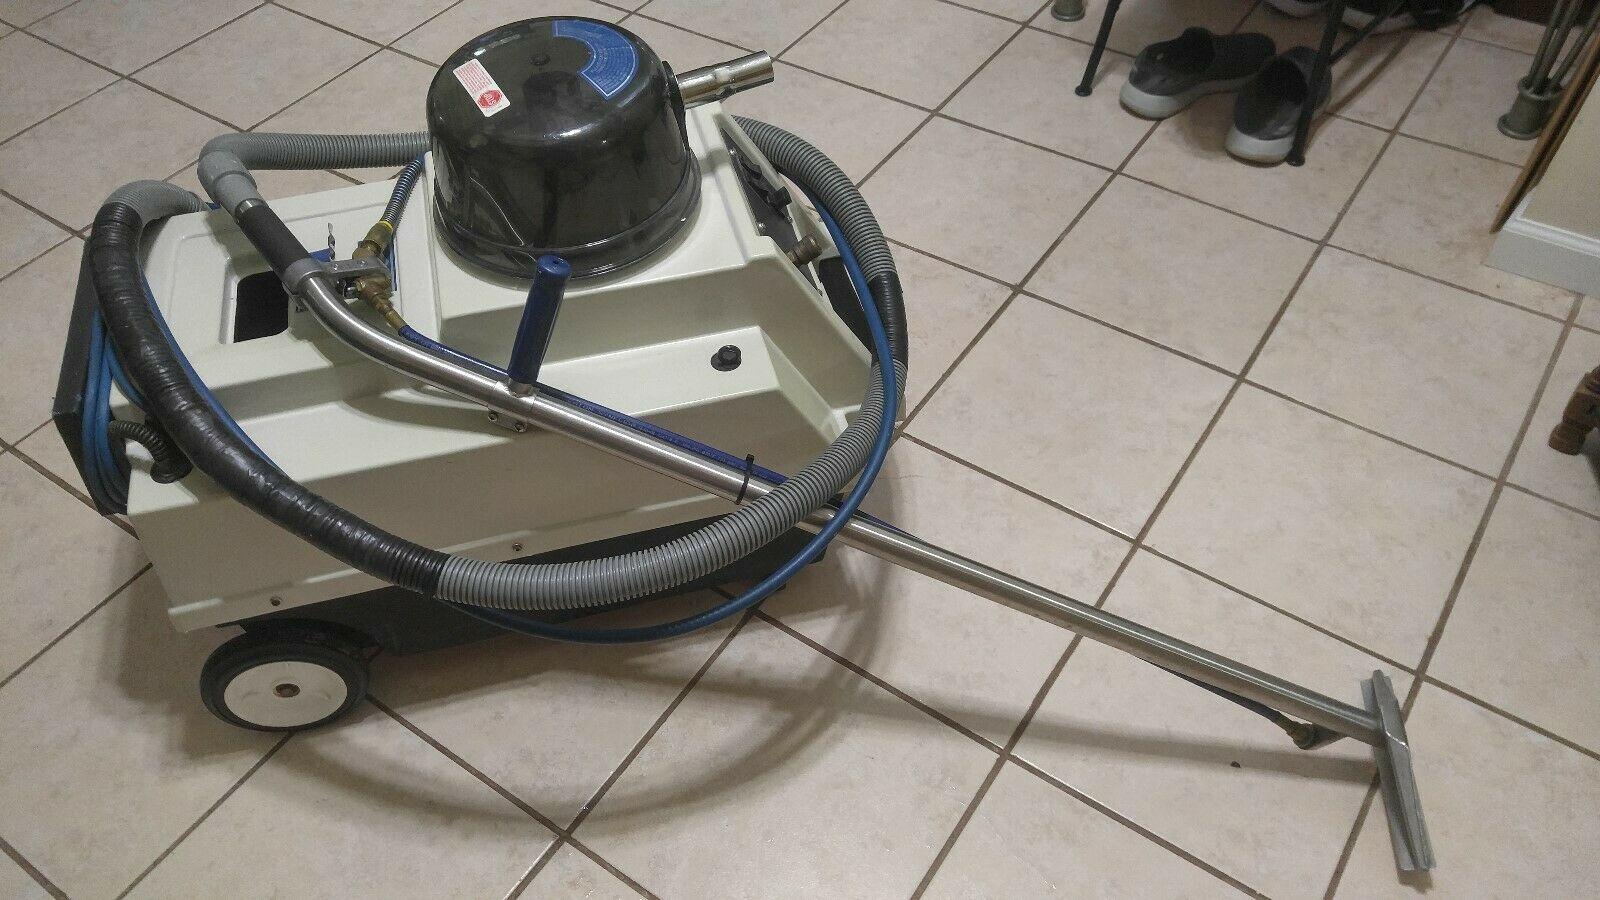 Rinsenvac Carpet Shampooer Model Mbu 1l In 2020 Carpet Shampooer Carpet Cleaners Carpet